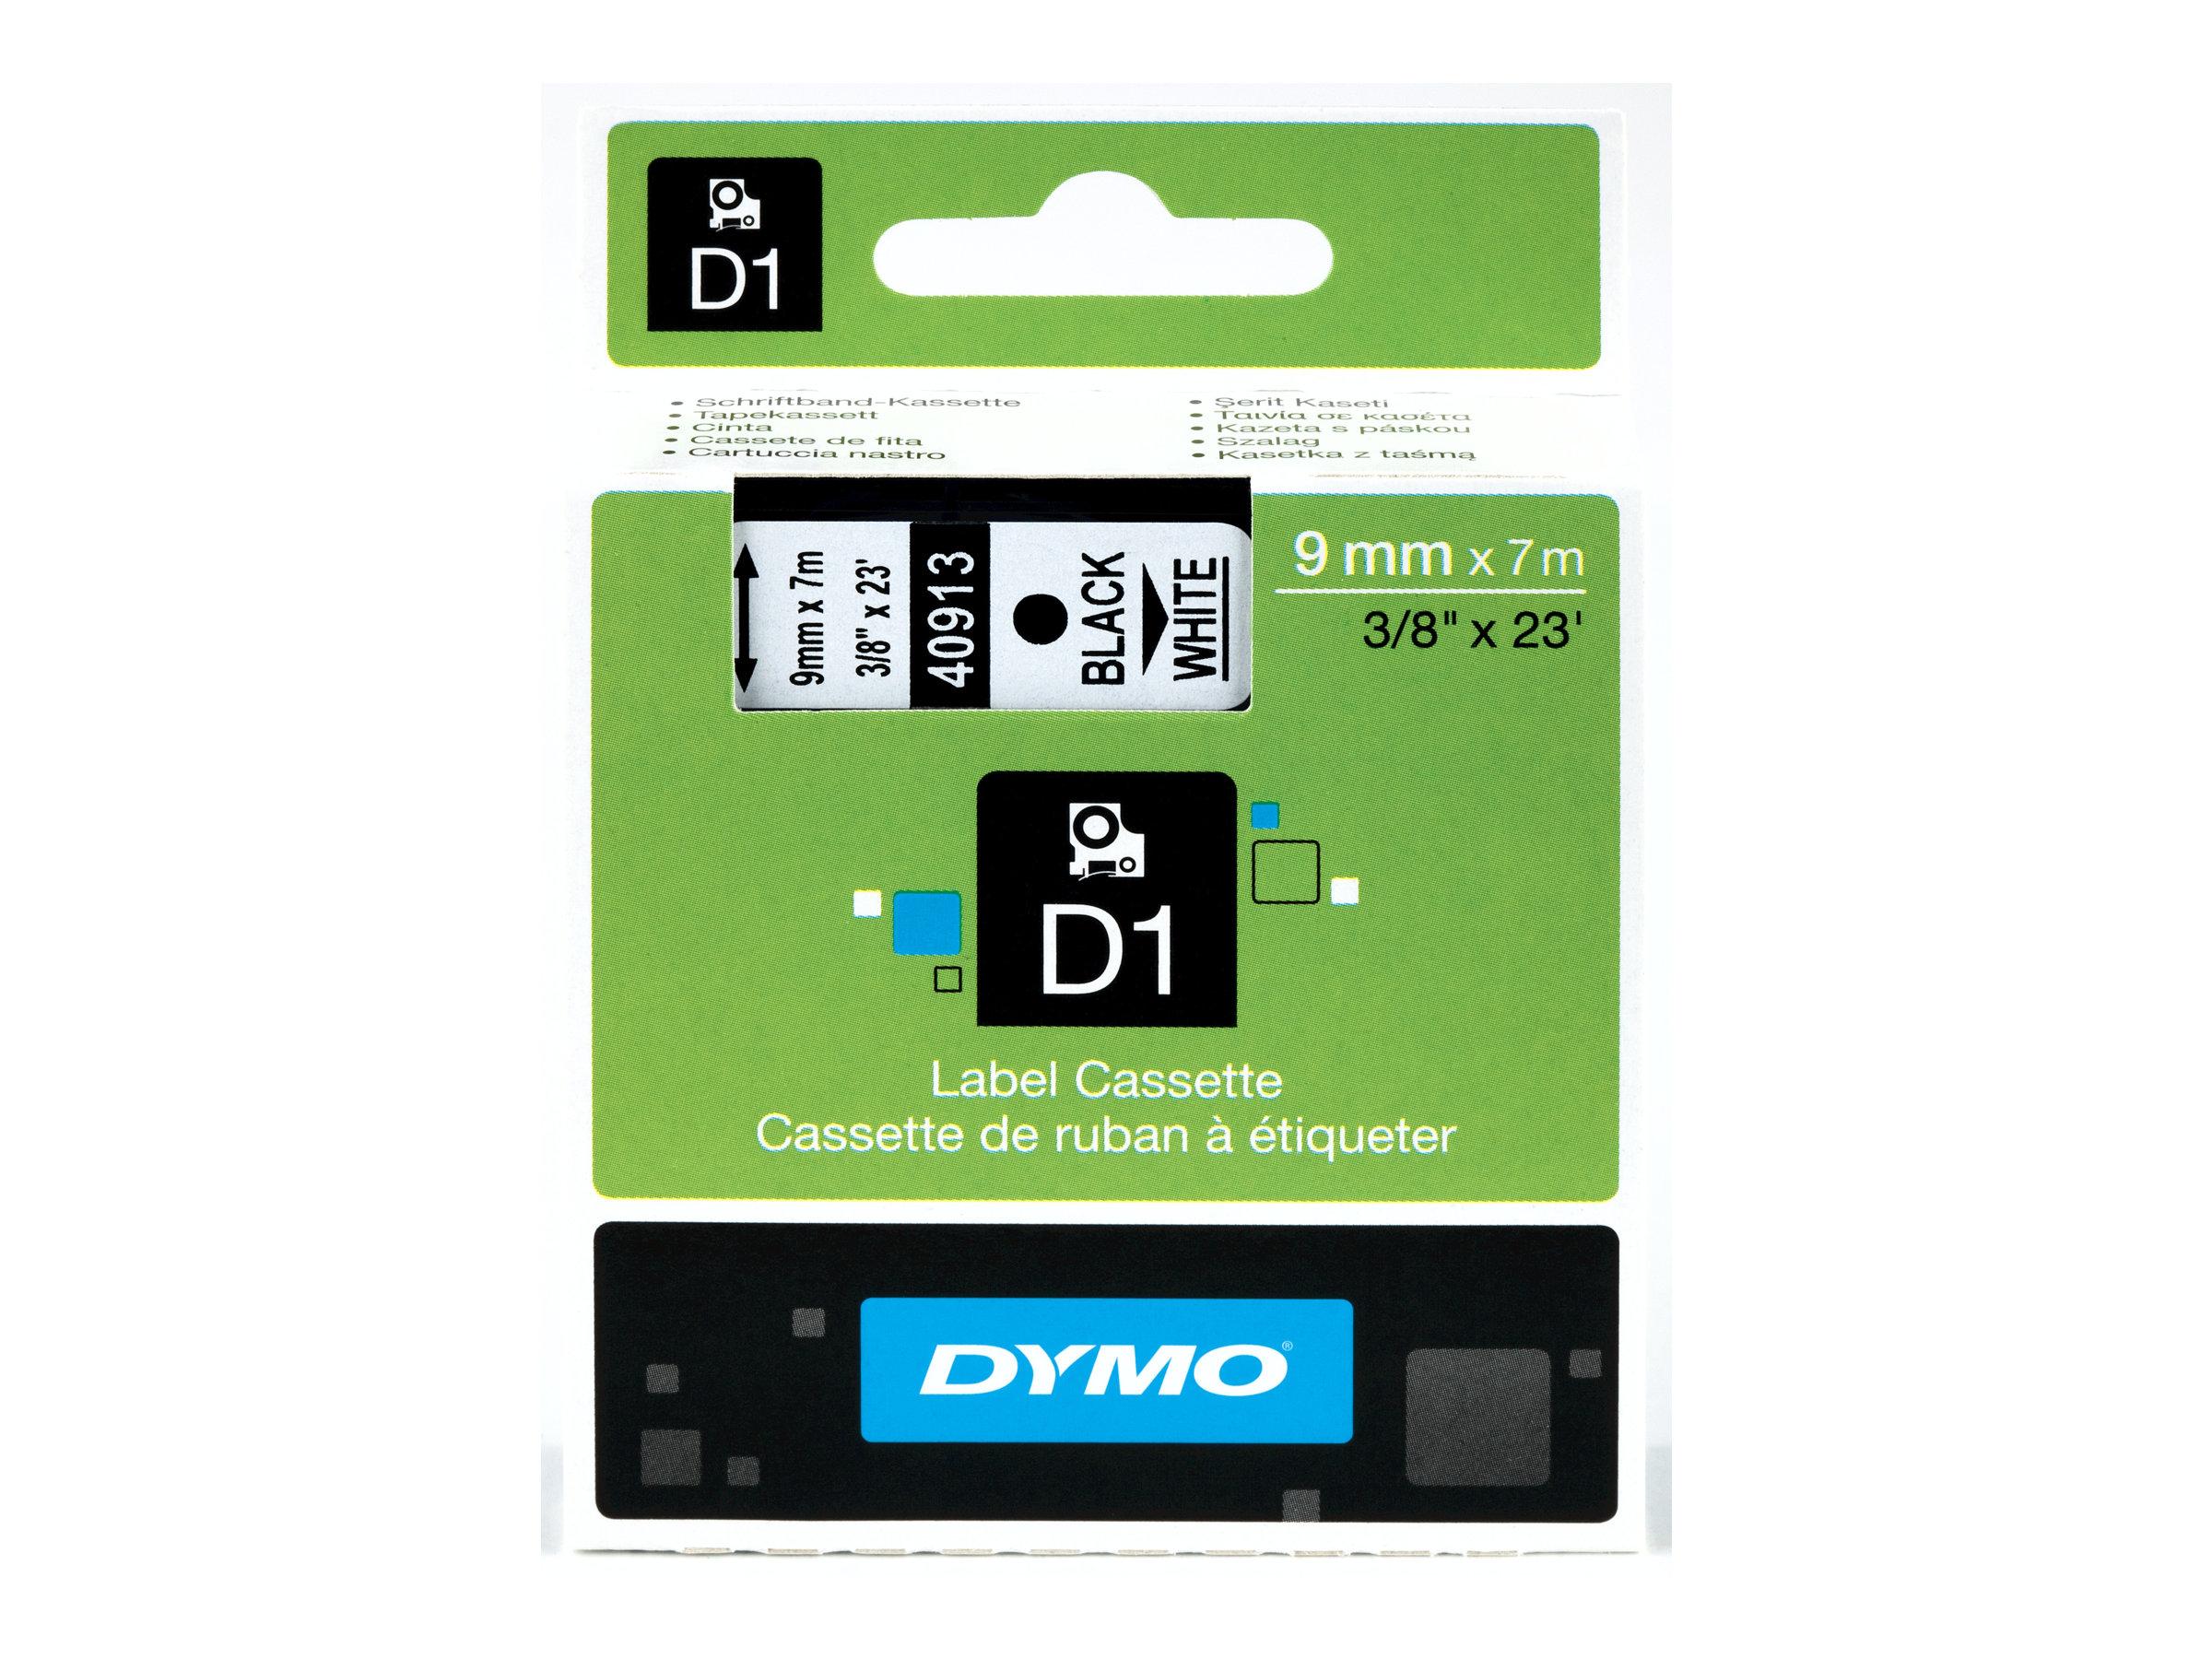 DYMO D1 - Selbstklebend - Schwarz auf Weiss - Rolle (0,9 cm x 7 m) 1 Rolle(n) Etikettenband - für LabelMANAGER 100, 160, 210, 22